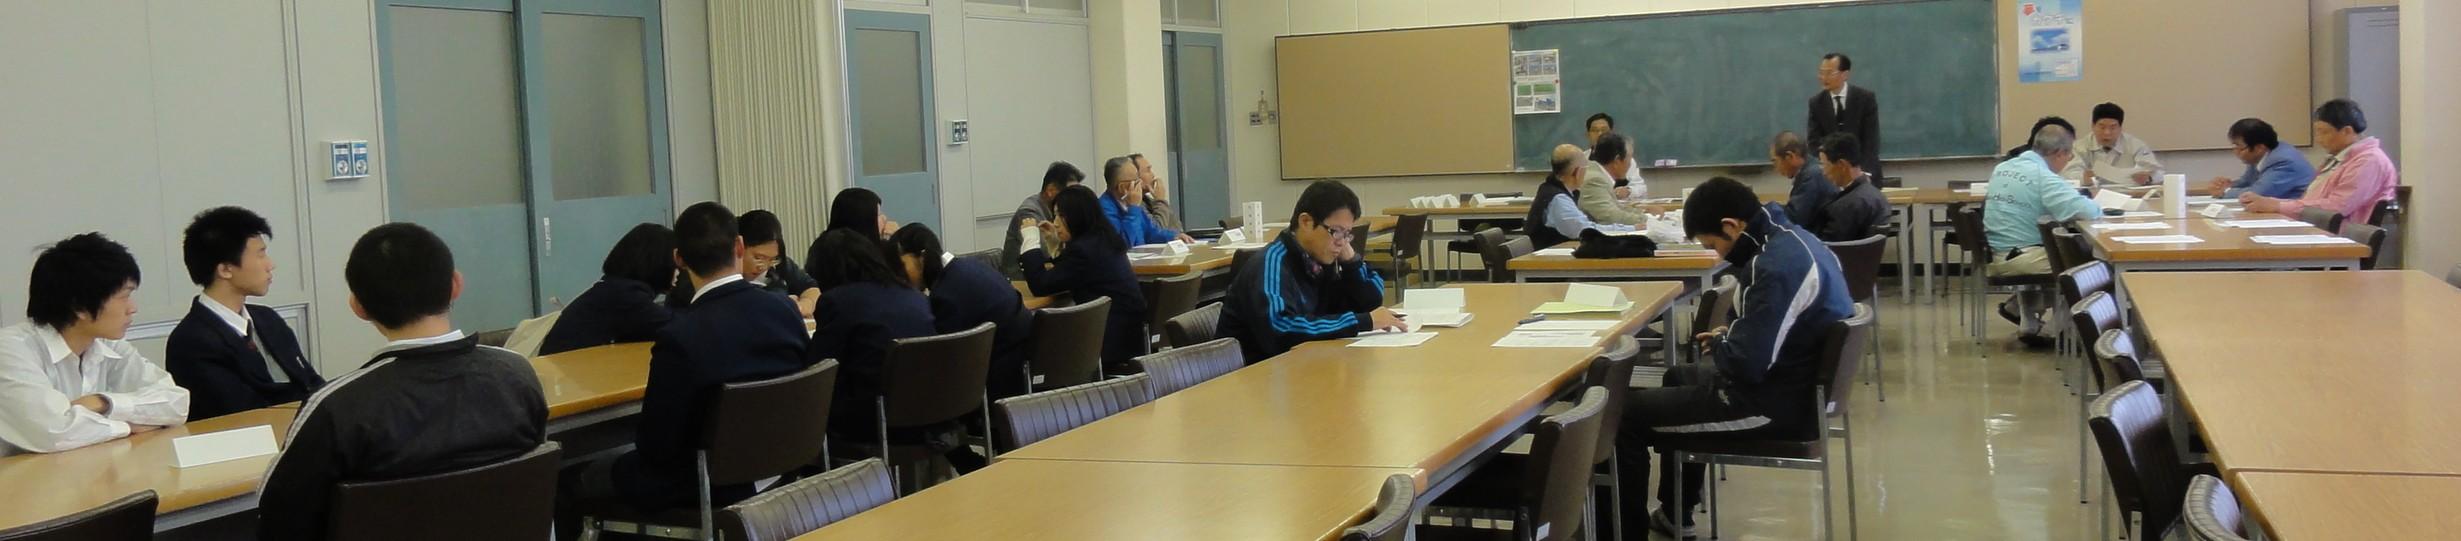 岬高校:第4回「MISAKIプロジェクト2010」連絡協議会_c0108460_20164433.jpg